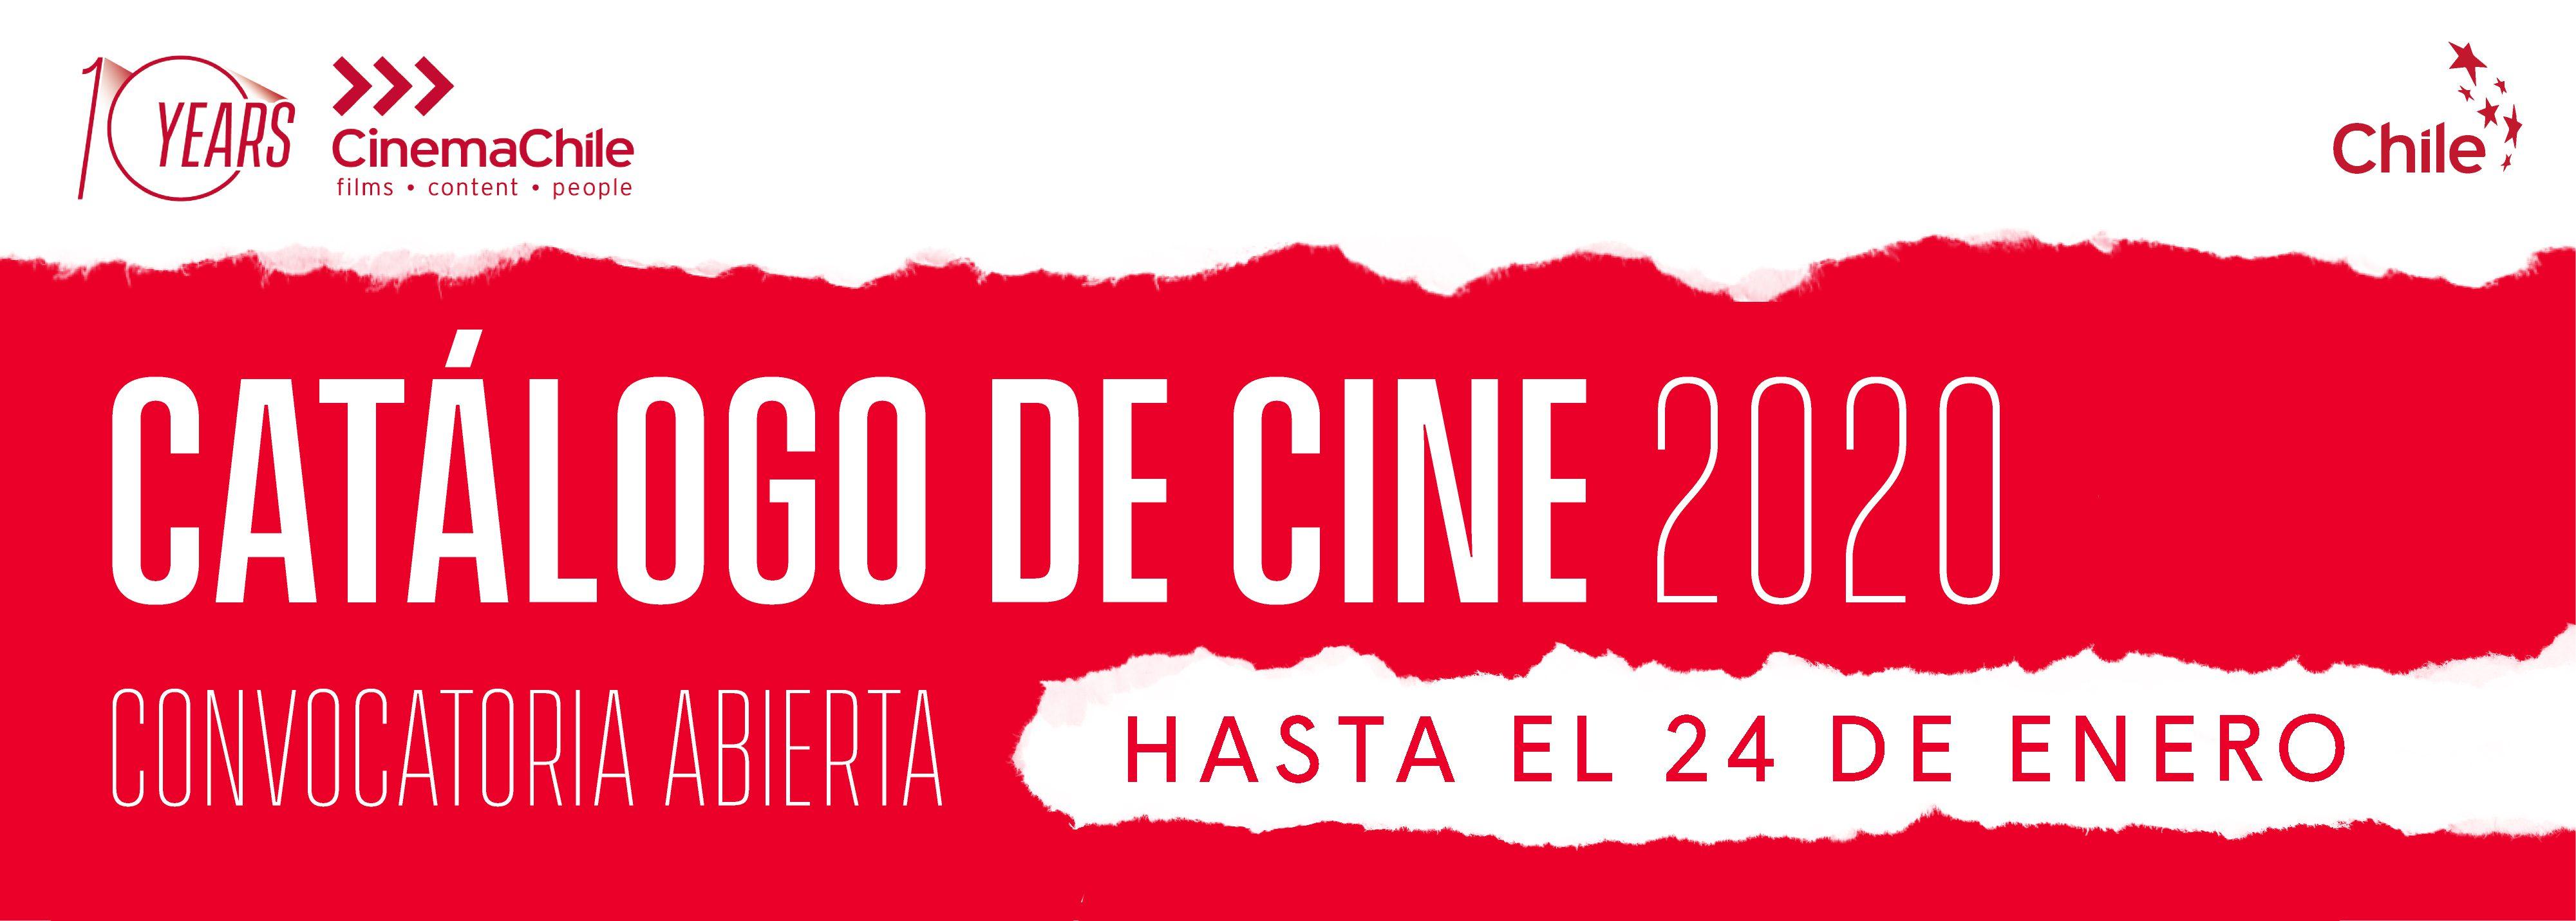 AMPLIAMOS PLAZO// CONVOCATORIA ABIERTA: CATÁLOGO INTERNACIONAL DE CINE 2020